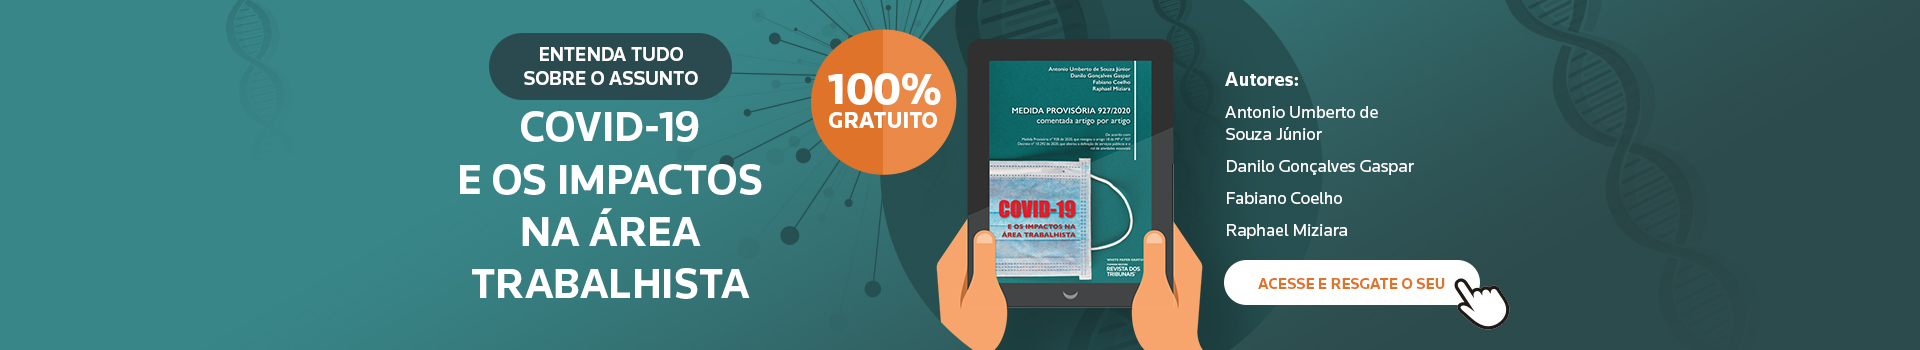 PDF Gratuito - Covid-19